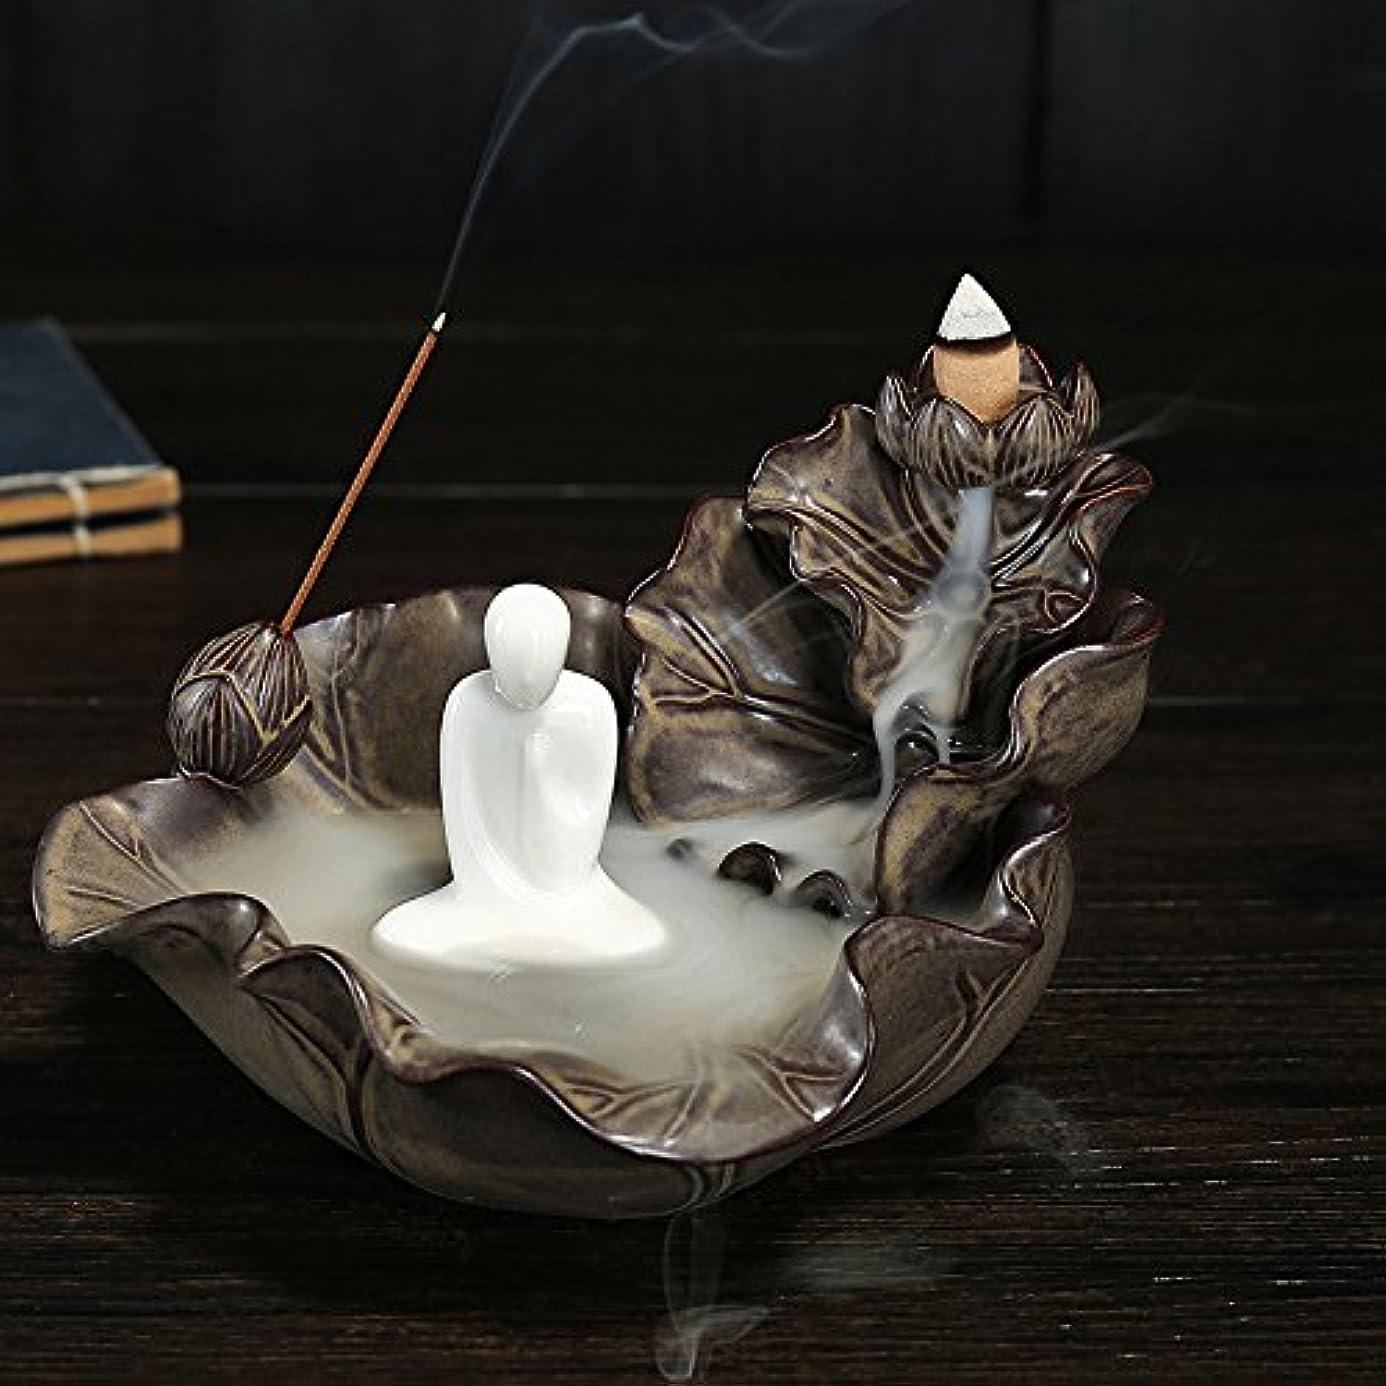 控えるいう除外する逆流香炉、香ホルダー、Monk Incense Burner Ceramics Incense Holder with 10pcs Backflow Incense Cones One Size ブラウン 125025